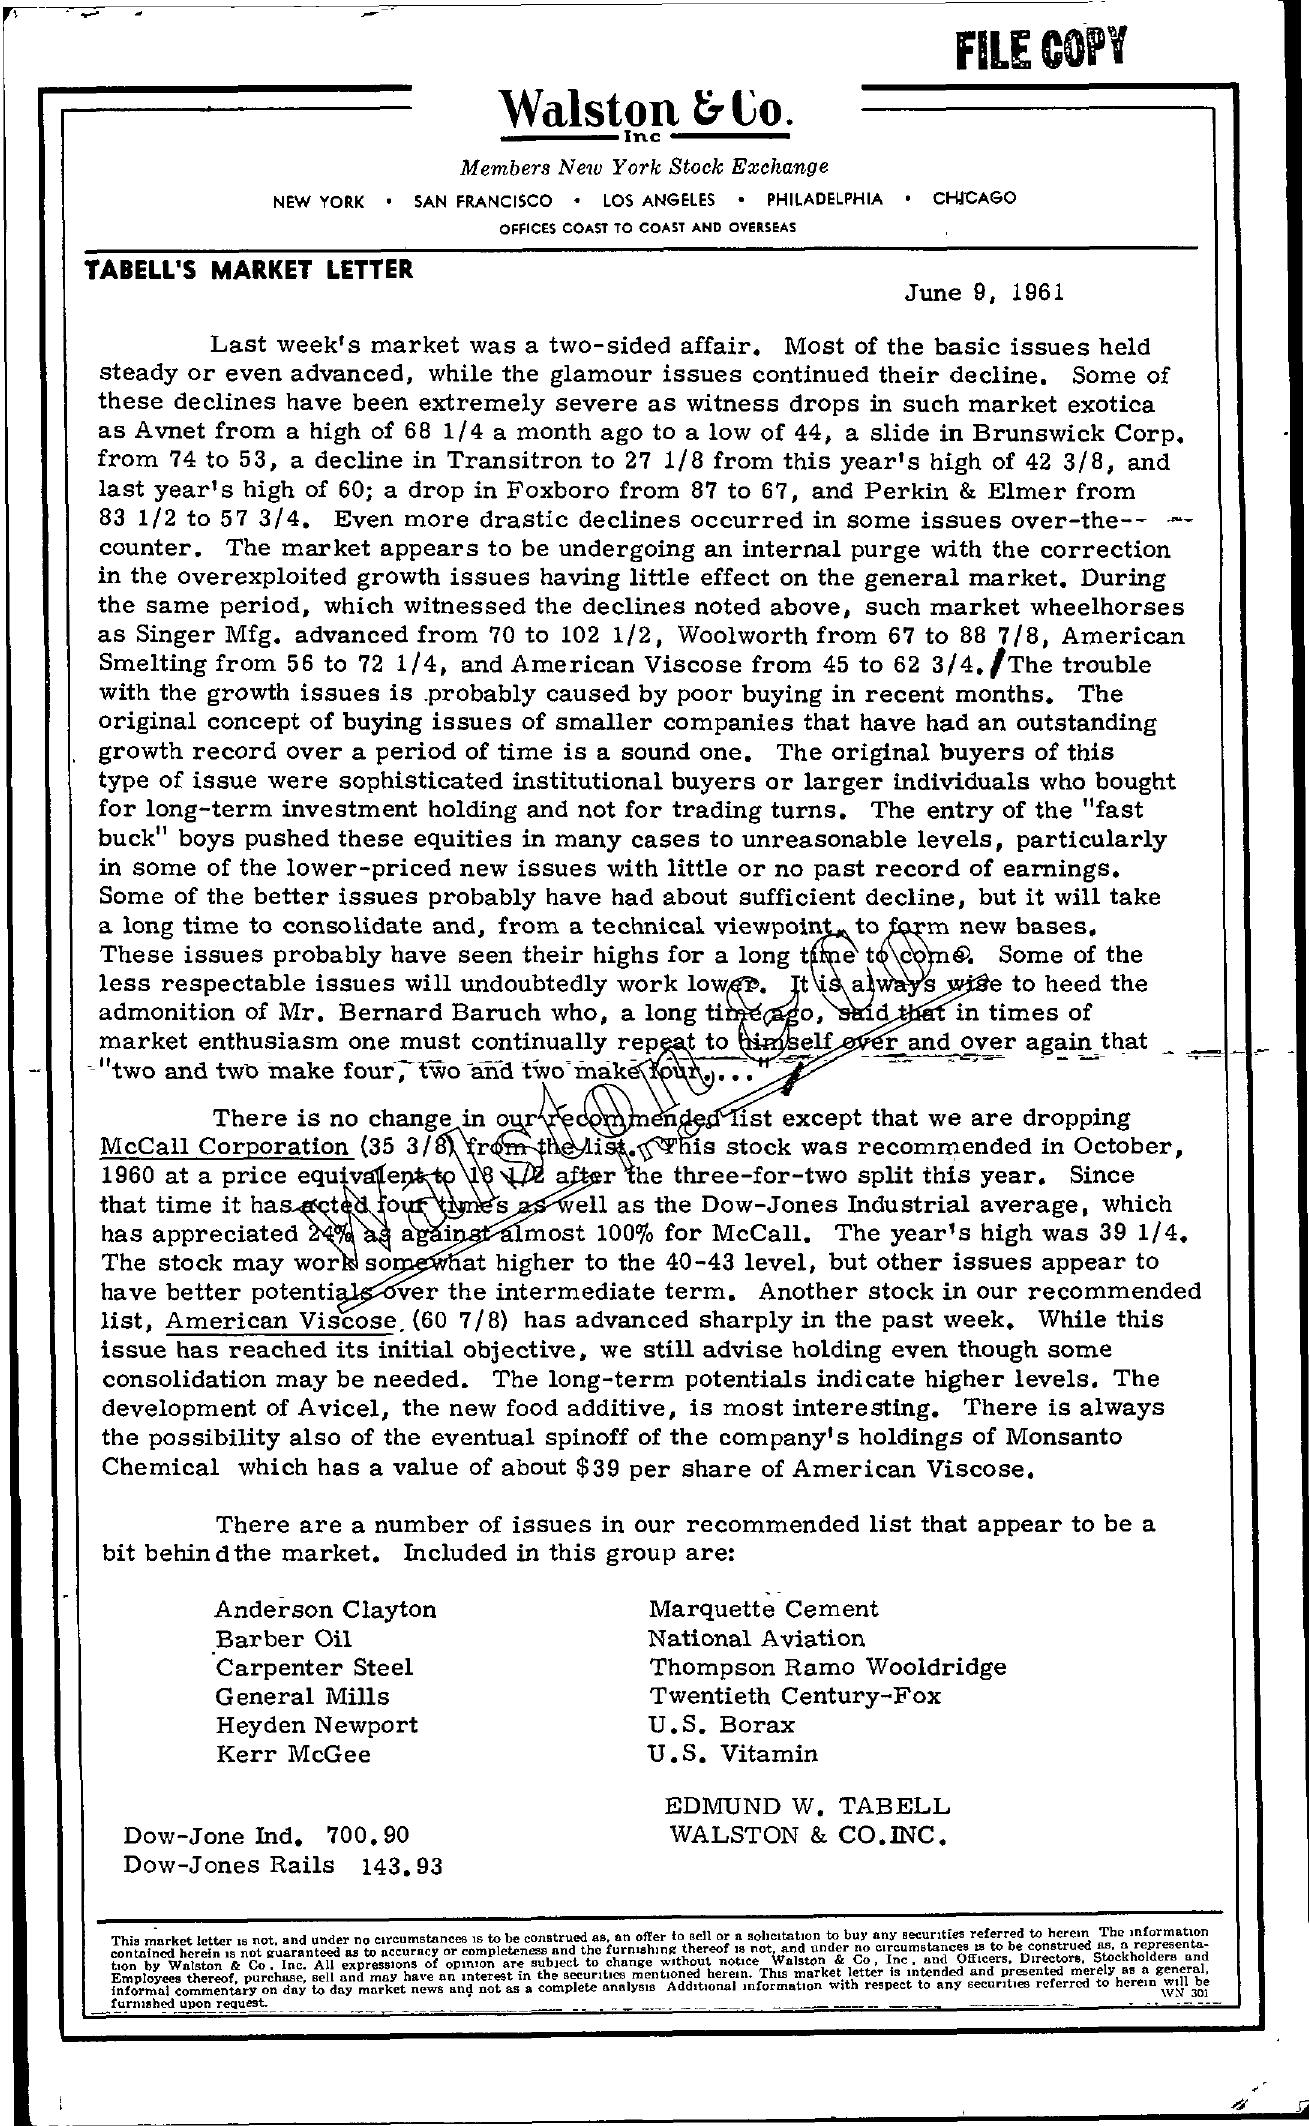 Tabell's Market Letter - June 09, 1961